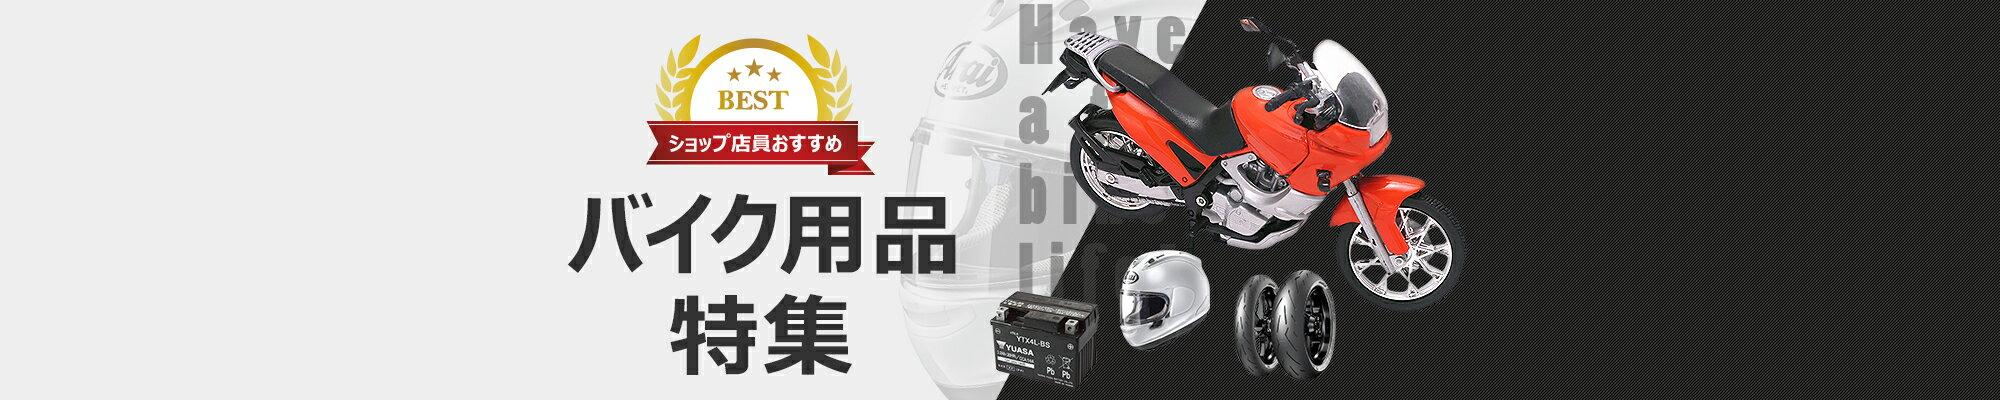 おすすめバイク用品特集